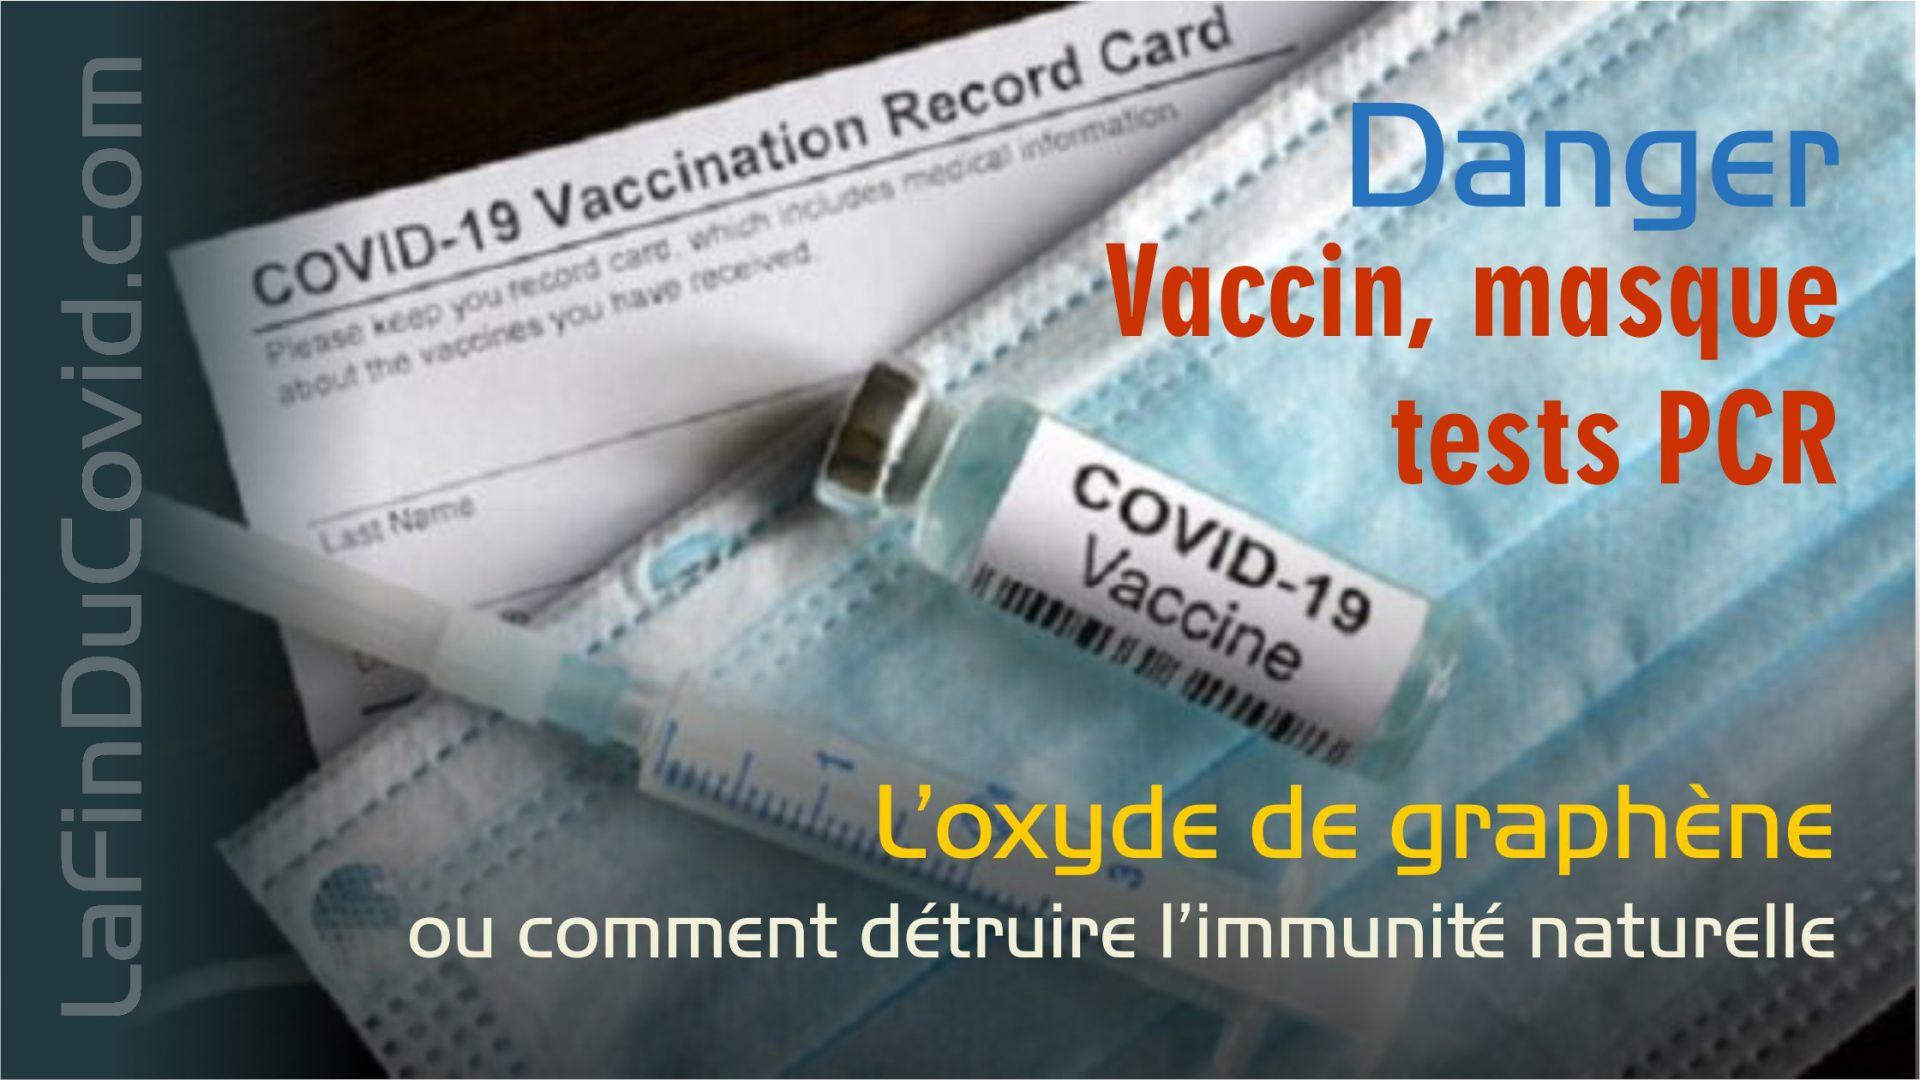 Michel Dogna: Ce que cachent les mesures anti-covid et les vaxxins. Les solutions potentielles